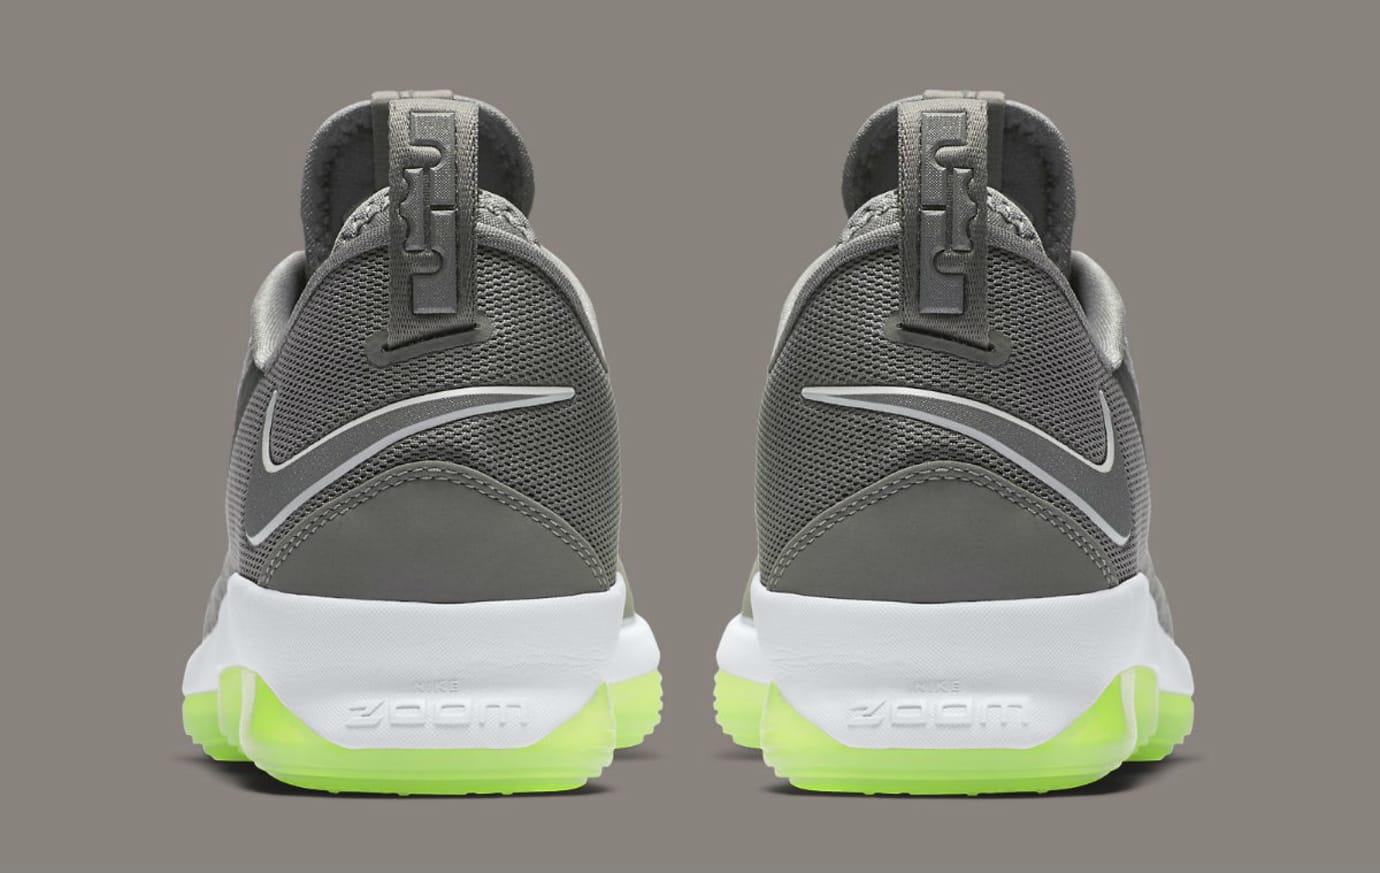 Nike LeBron 14 Low Dunkman Release Date Heel 878636-005